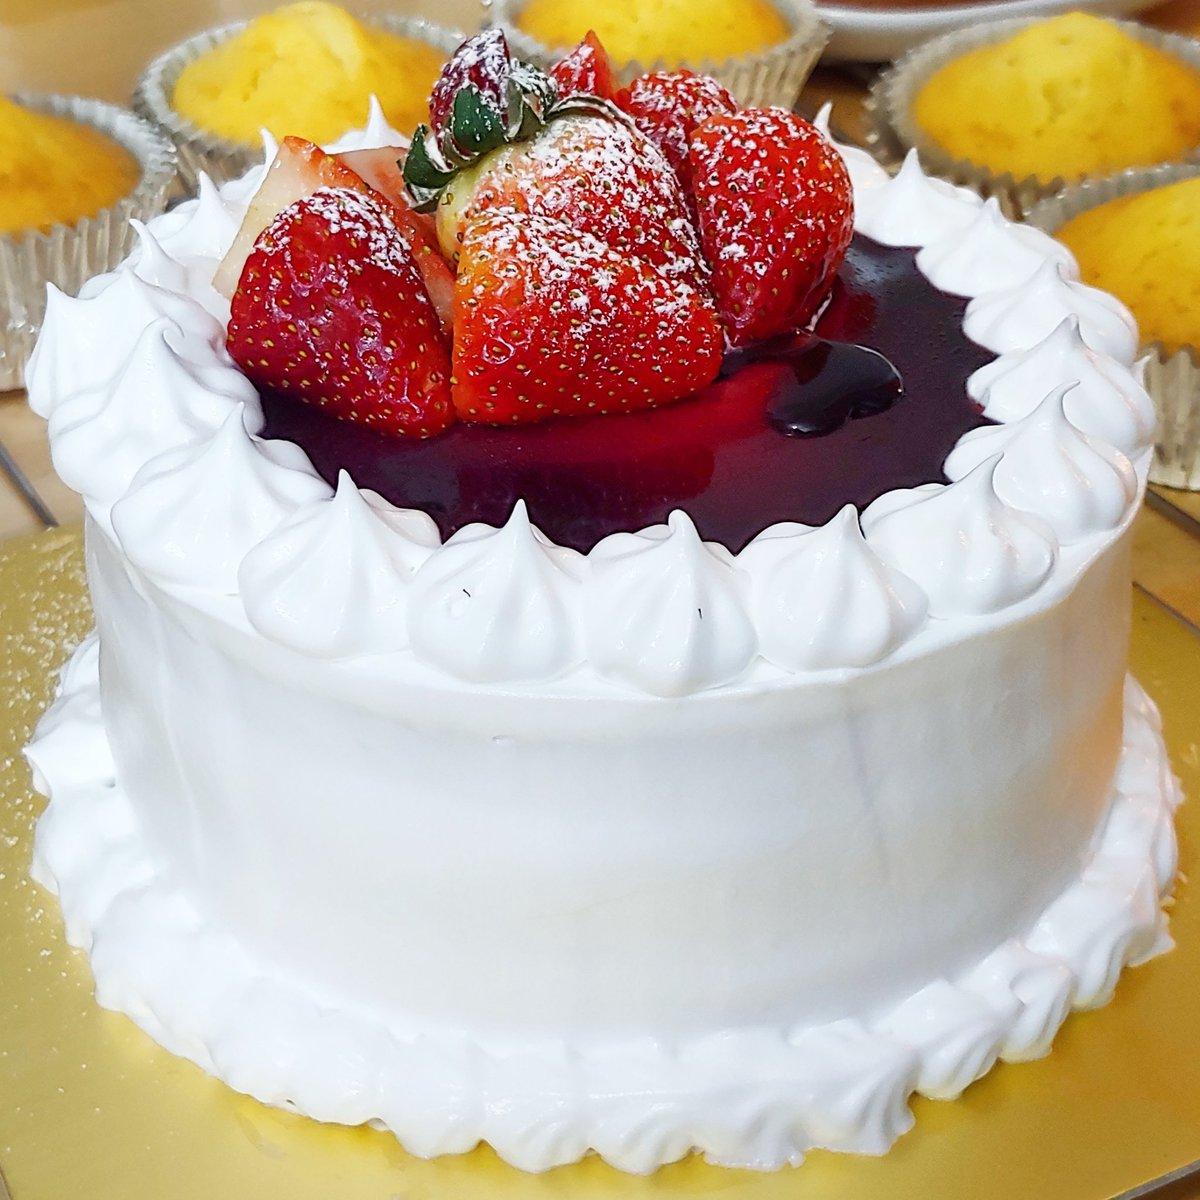 Jam Sauce Vanilla Cake Bangkok Bakery Baketoorder Delivery Birthday Bake Baker Bangkokbaker Onlineorderpictwitter BM4R6cTdhM